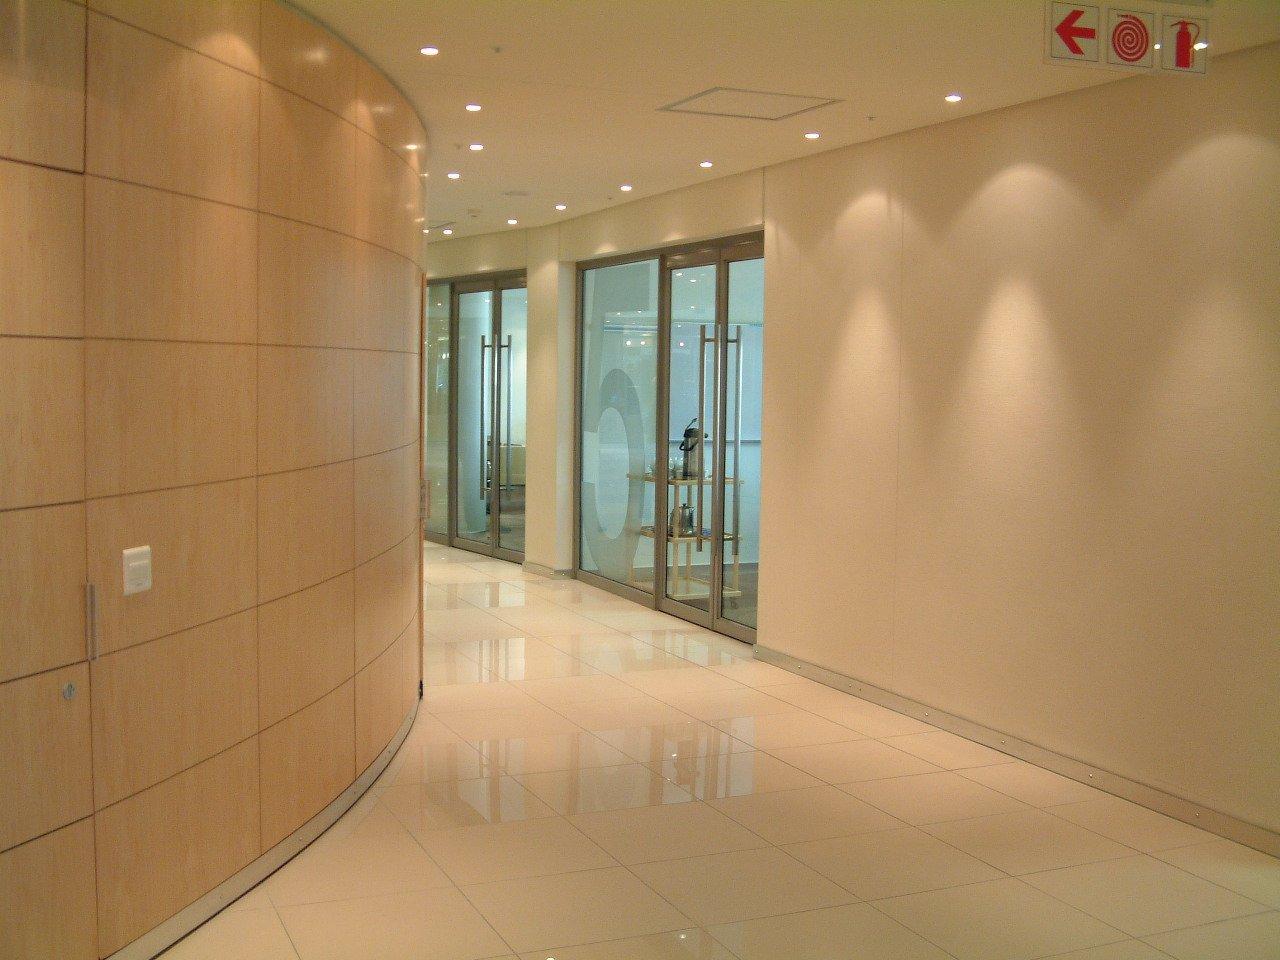 Room passage